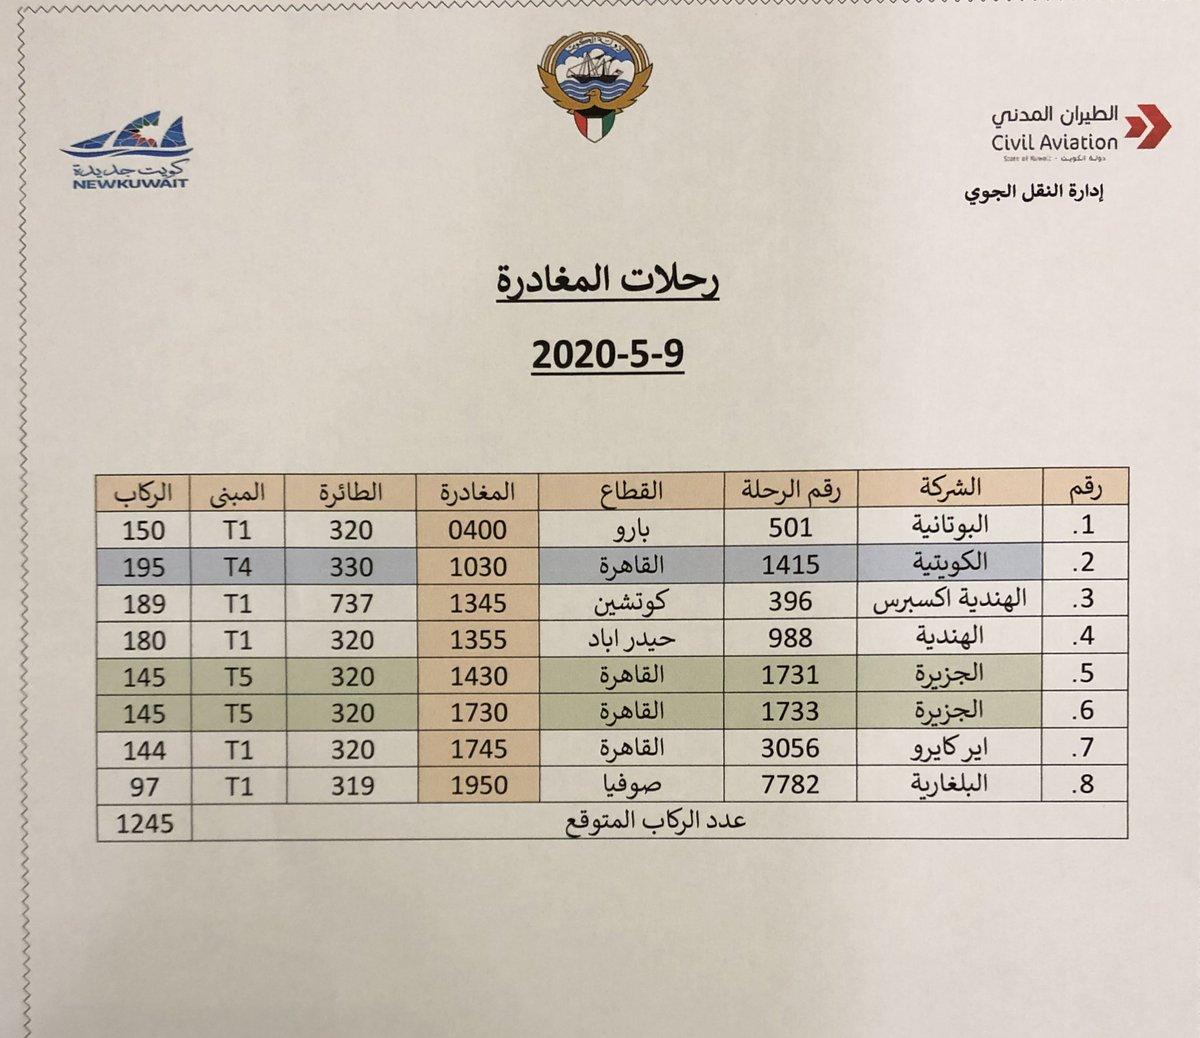 الطيران المدني On Twitter رحلات المغادرة من مطار الكويت الدولي